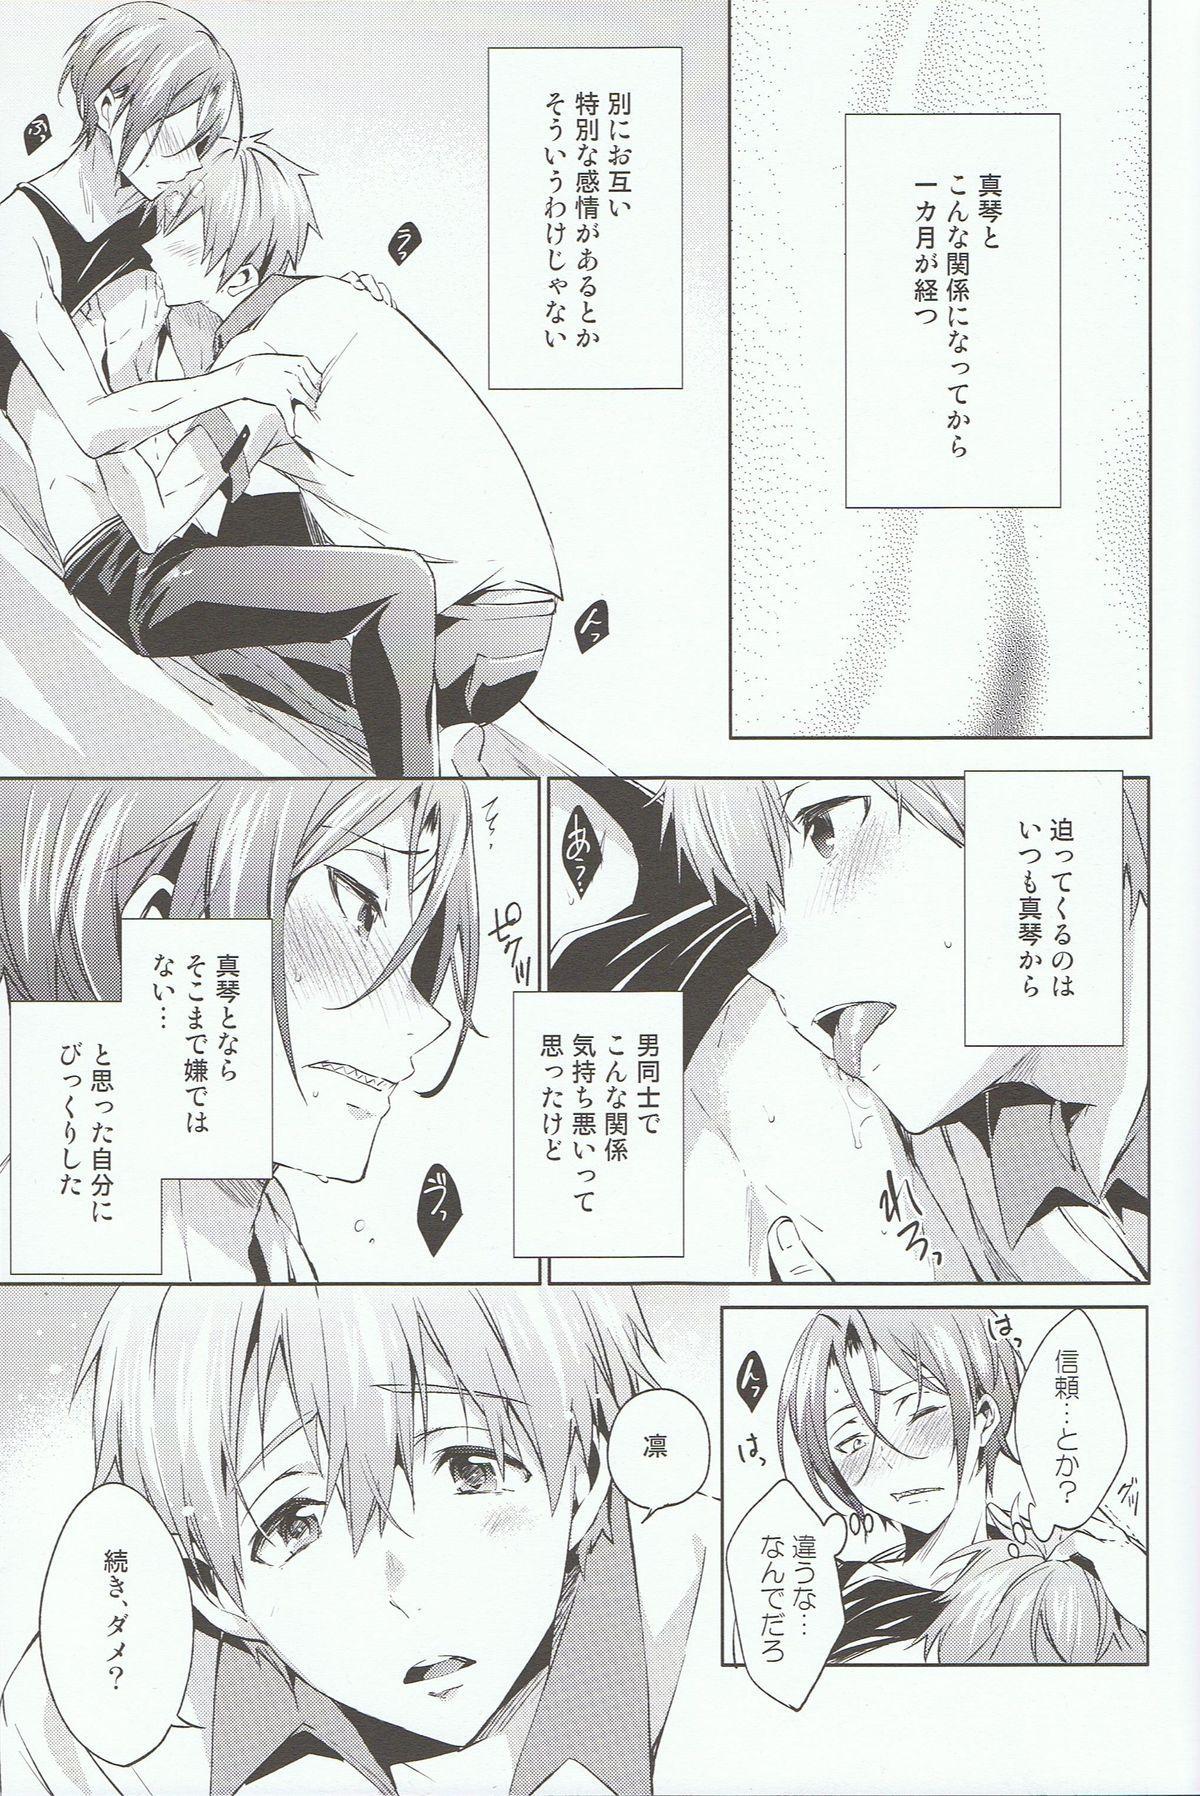 Love Affair 5